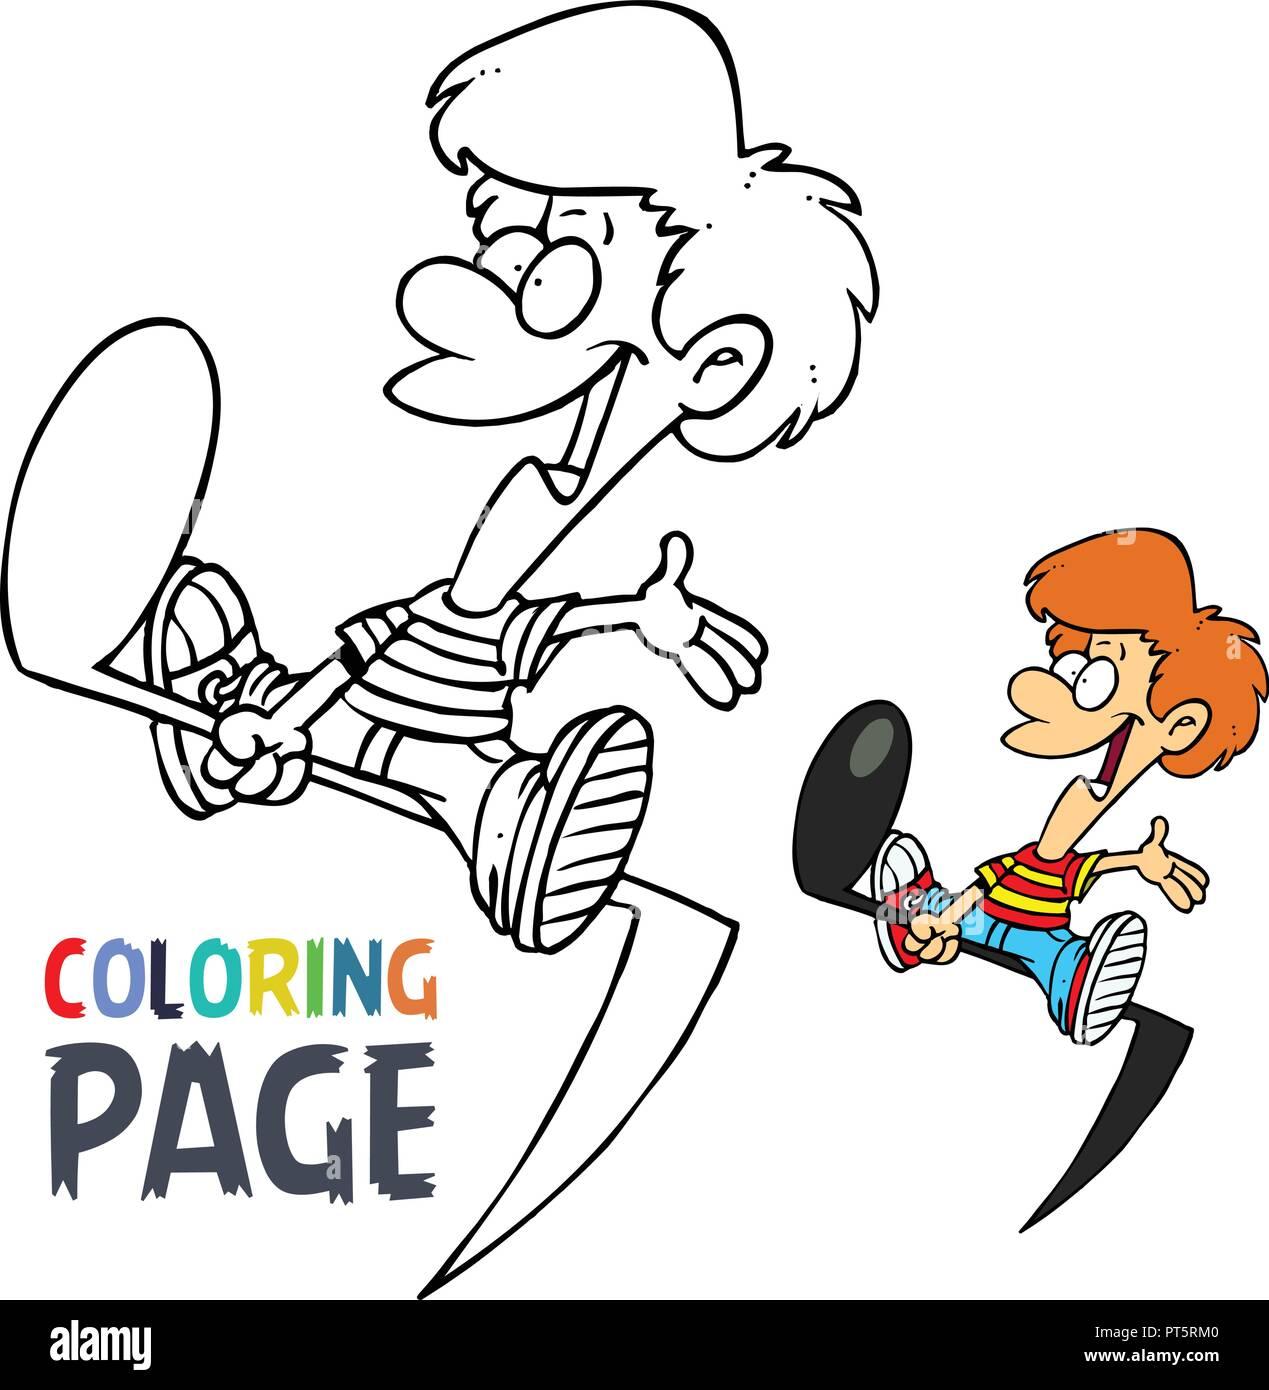 La Música Y El Tono De La Página Para Colorear Dibujos Animados Para